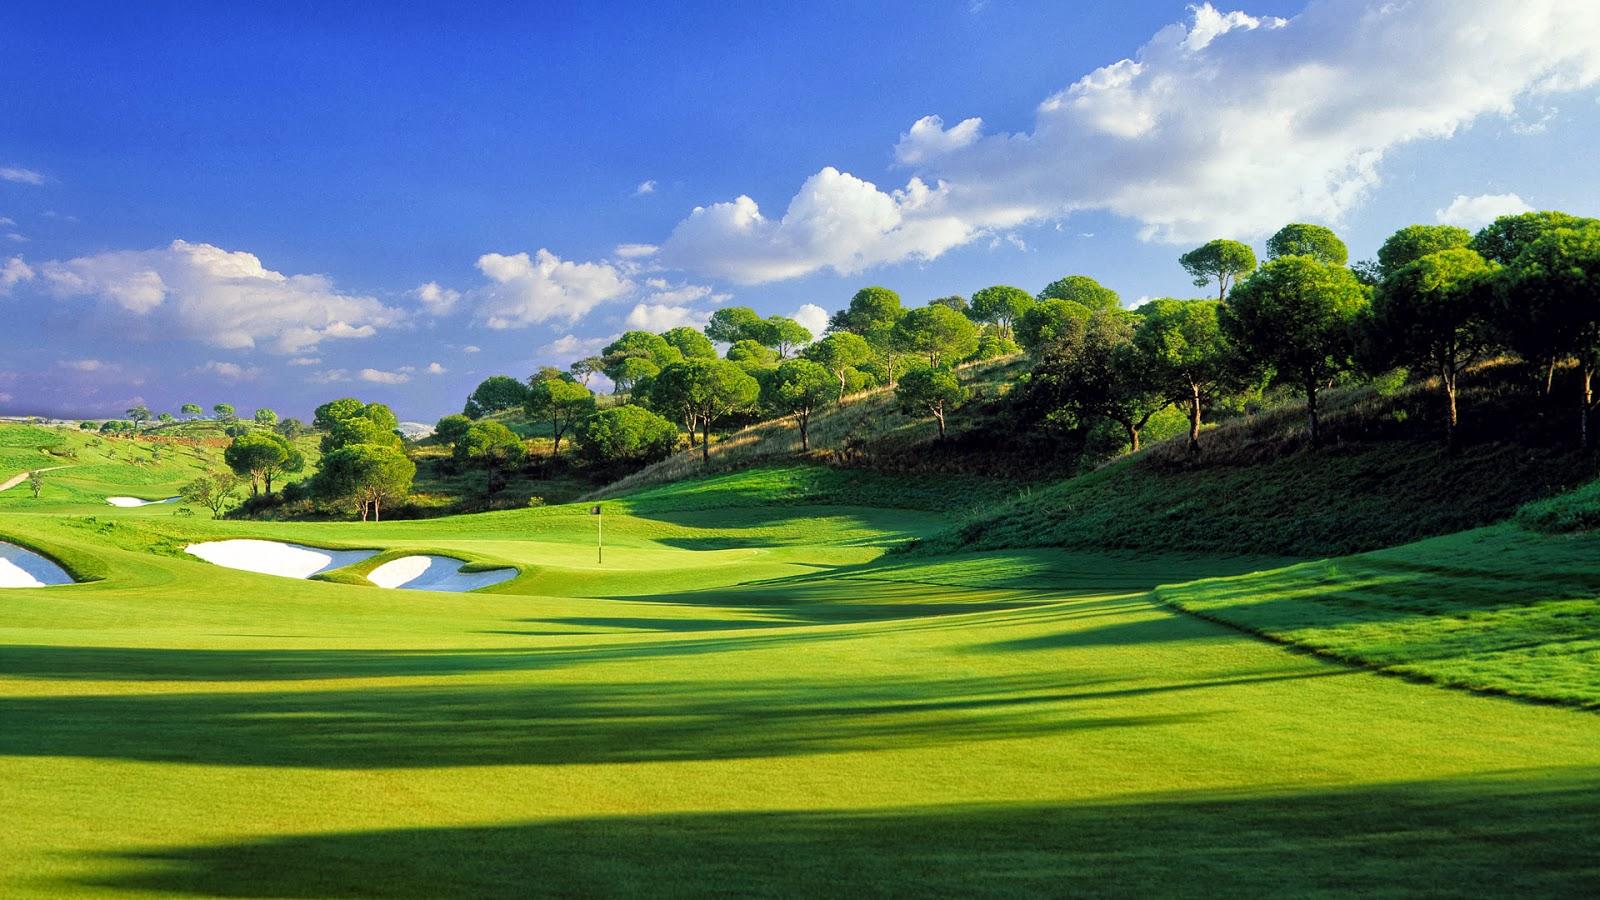 Golf Desktop Wallpaper Golf Course Desktop